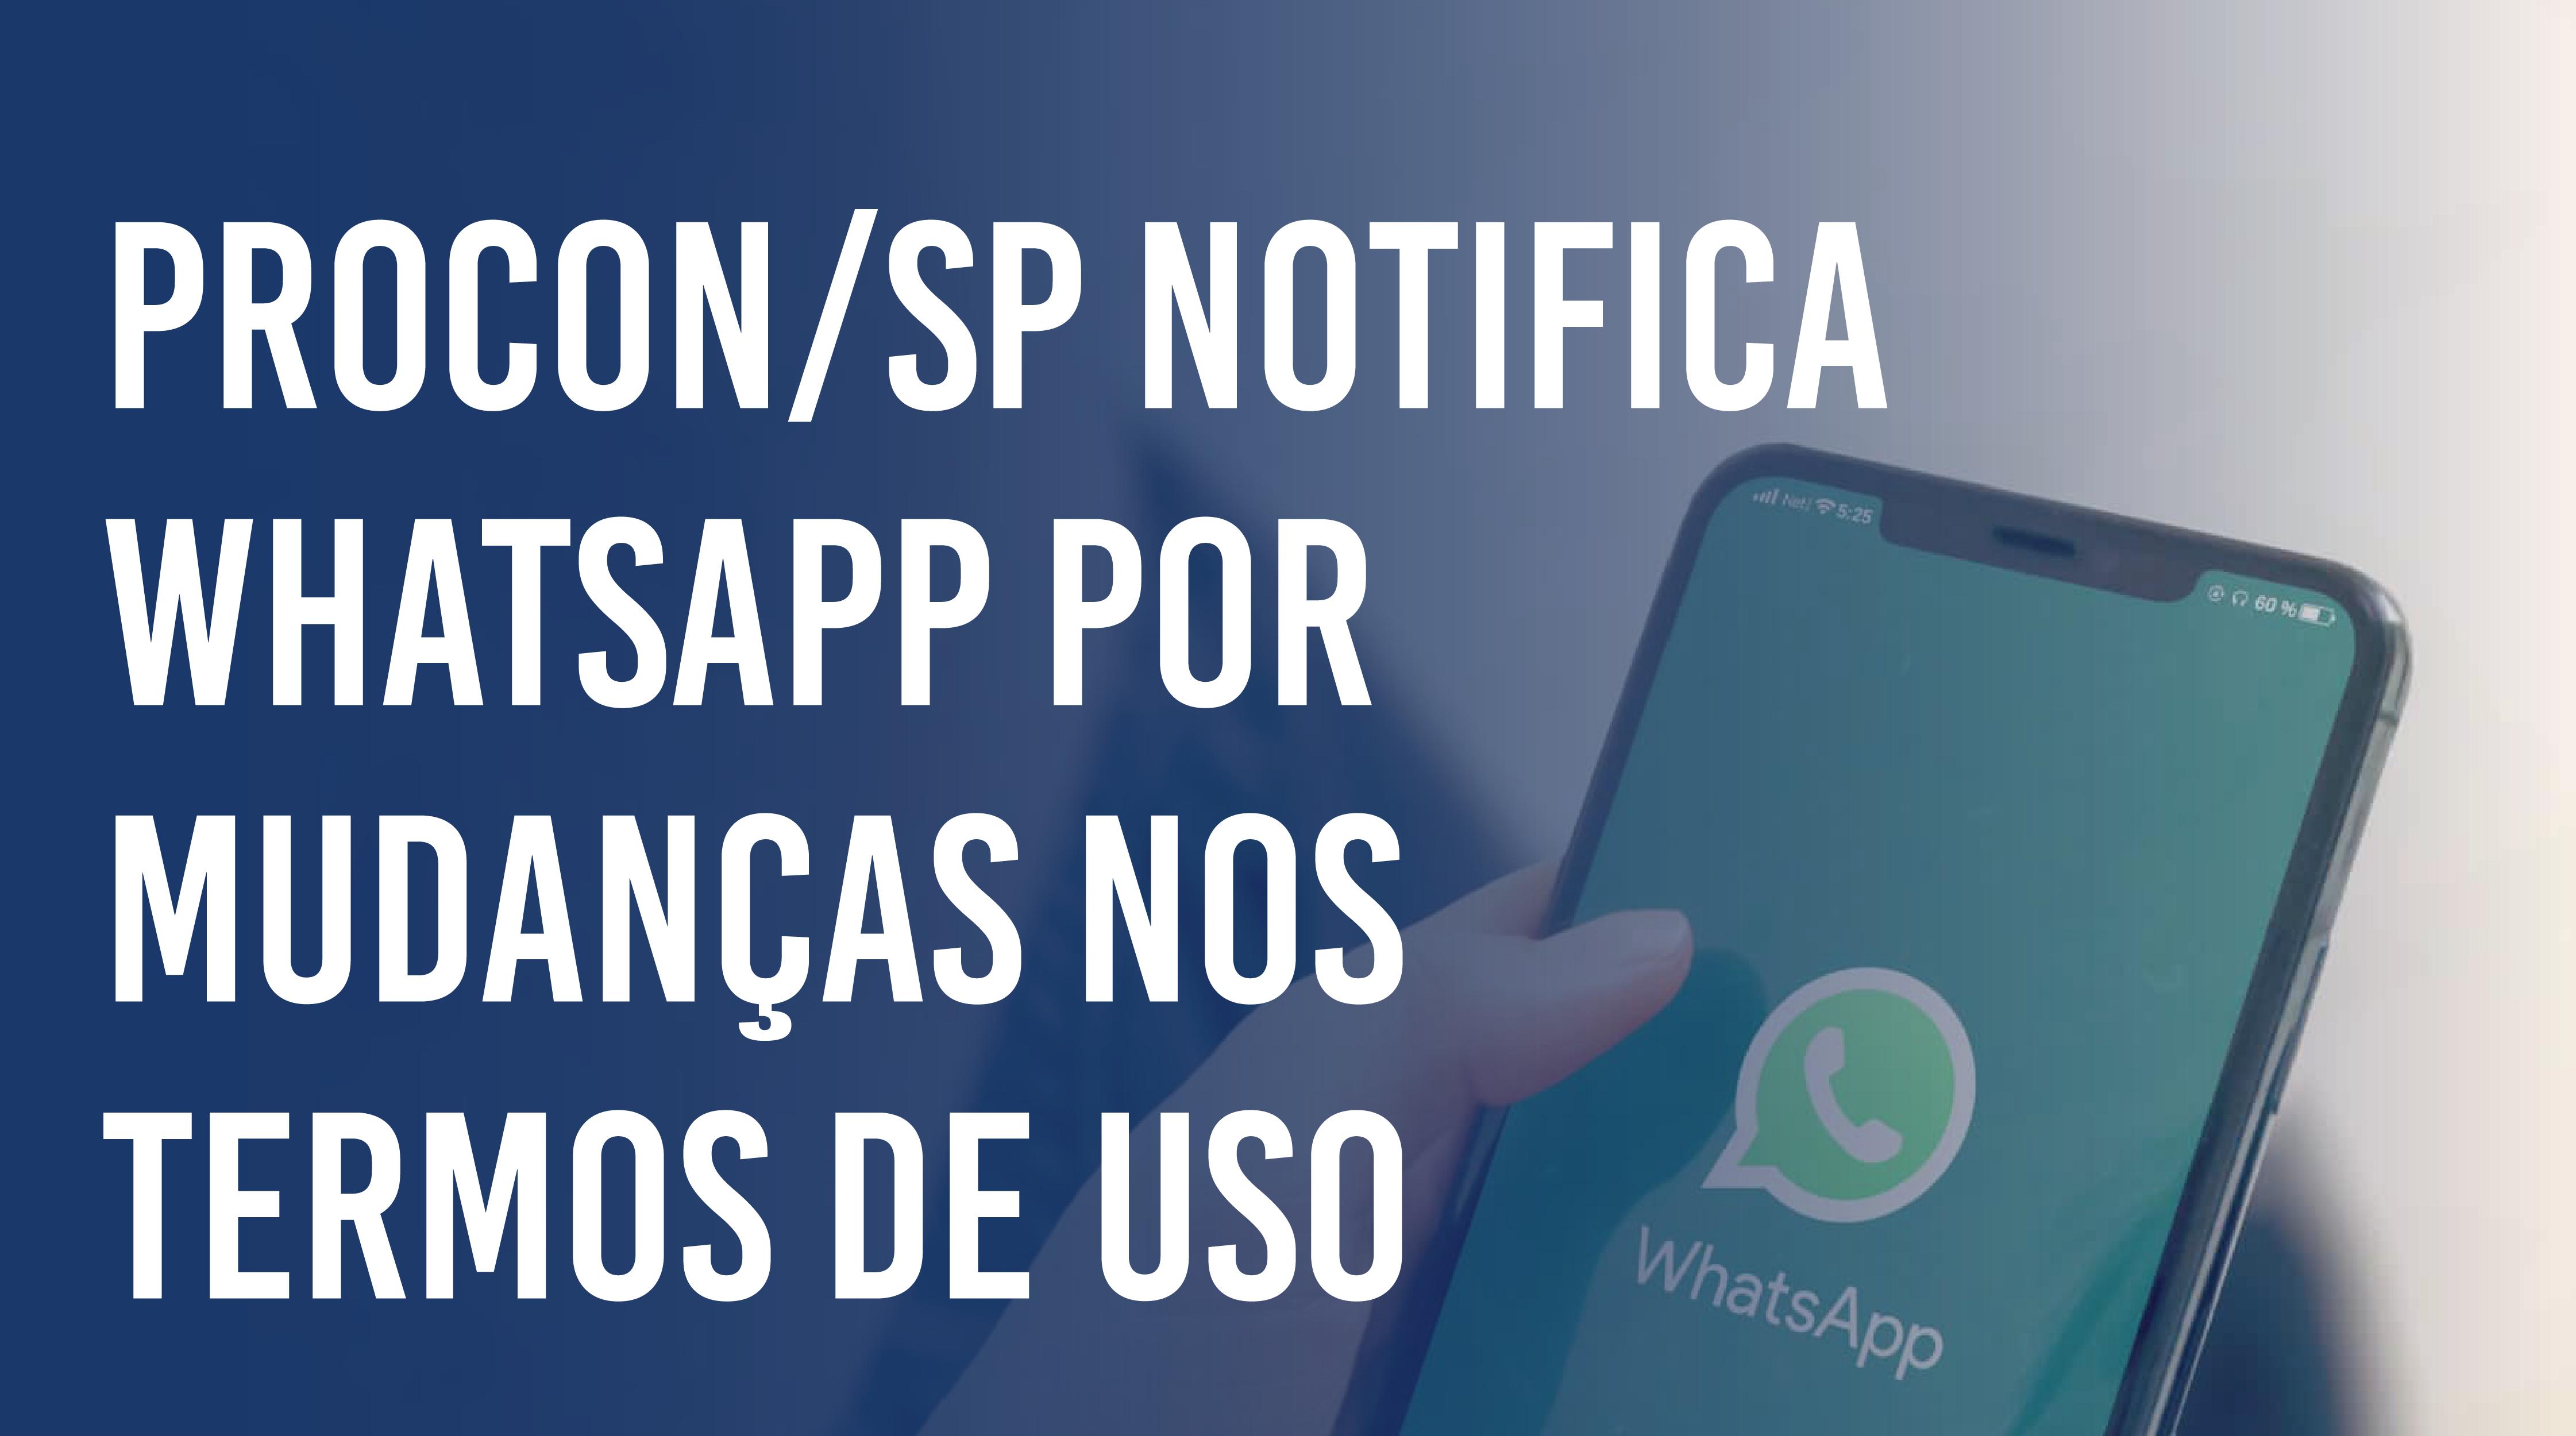 PROCON/SP questiona WhatsApp sobre novos termos de uso e política de privacidade